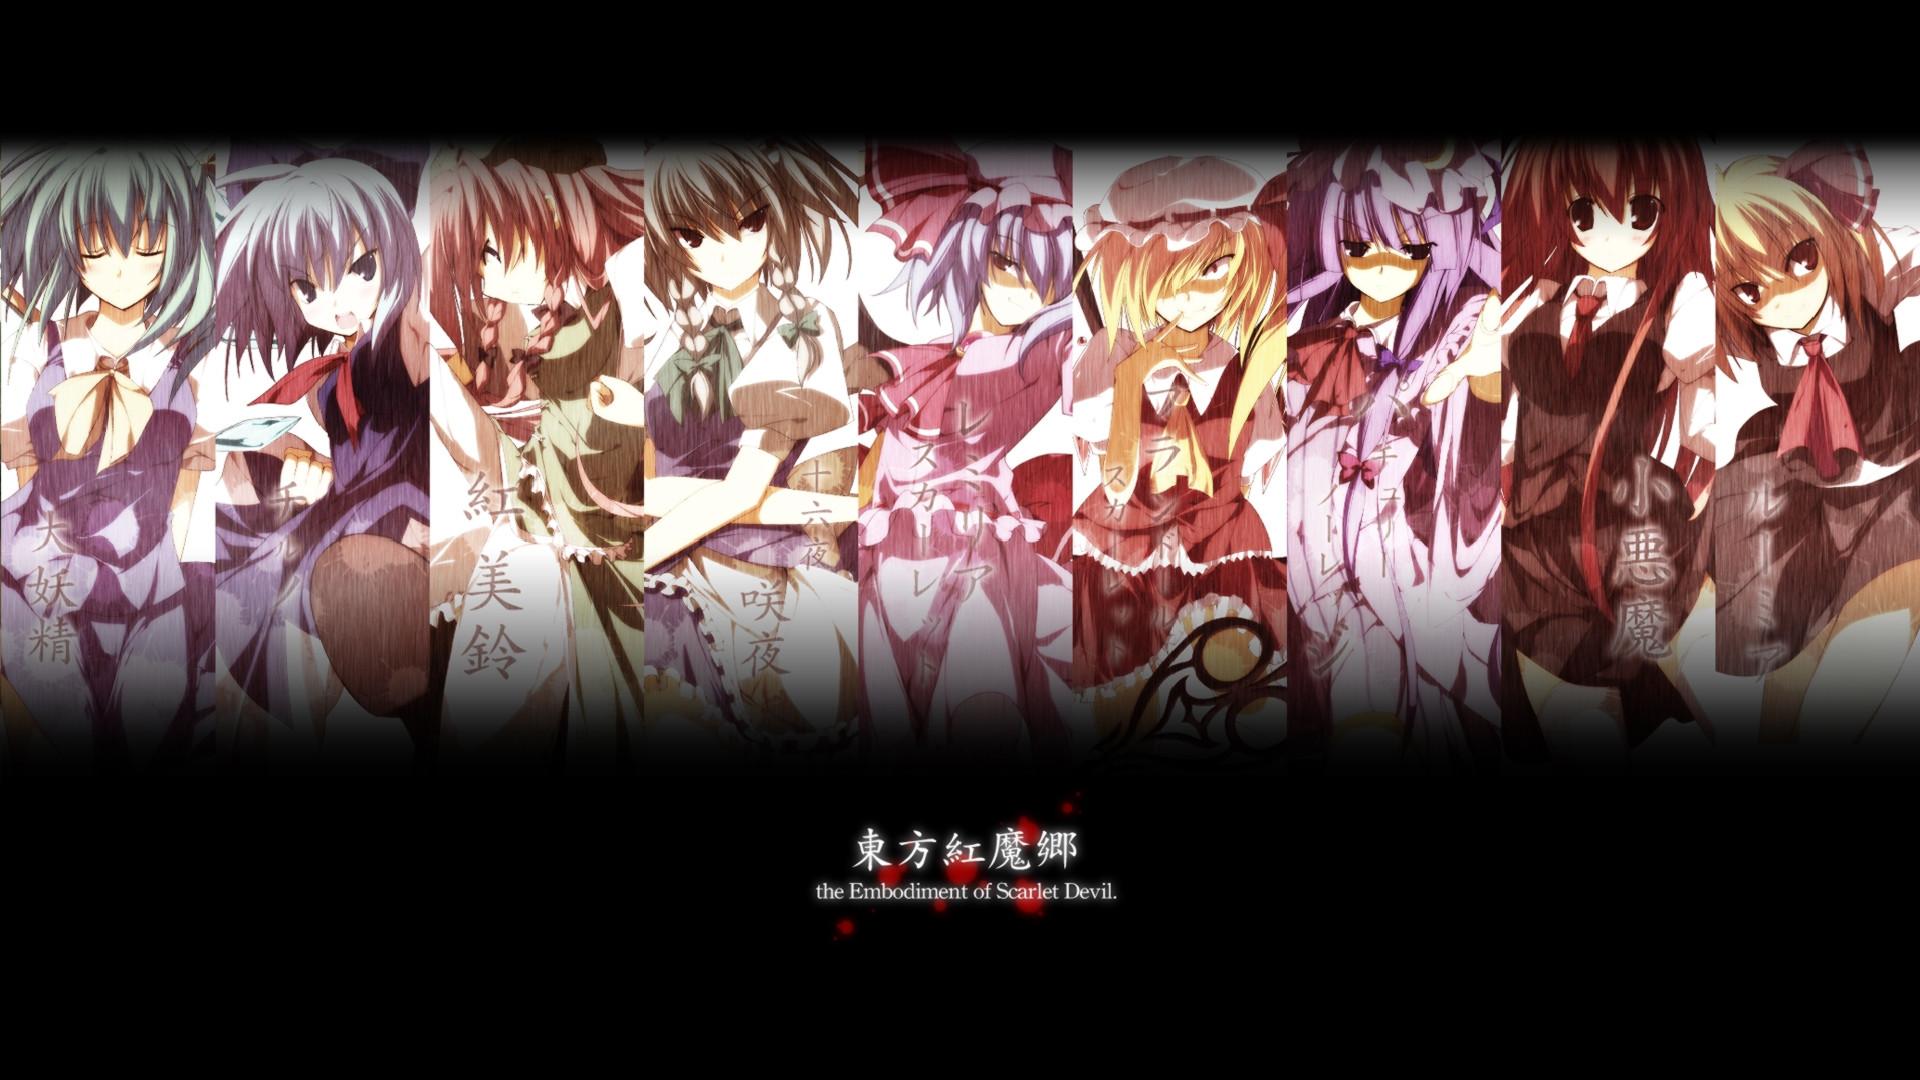 Anime – Touhou Rumia (Touhou) Koakuma (Touhou) Patchouli Knowledge Flandre  Scarlet Remilia